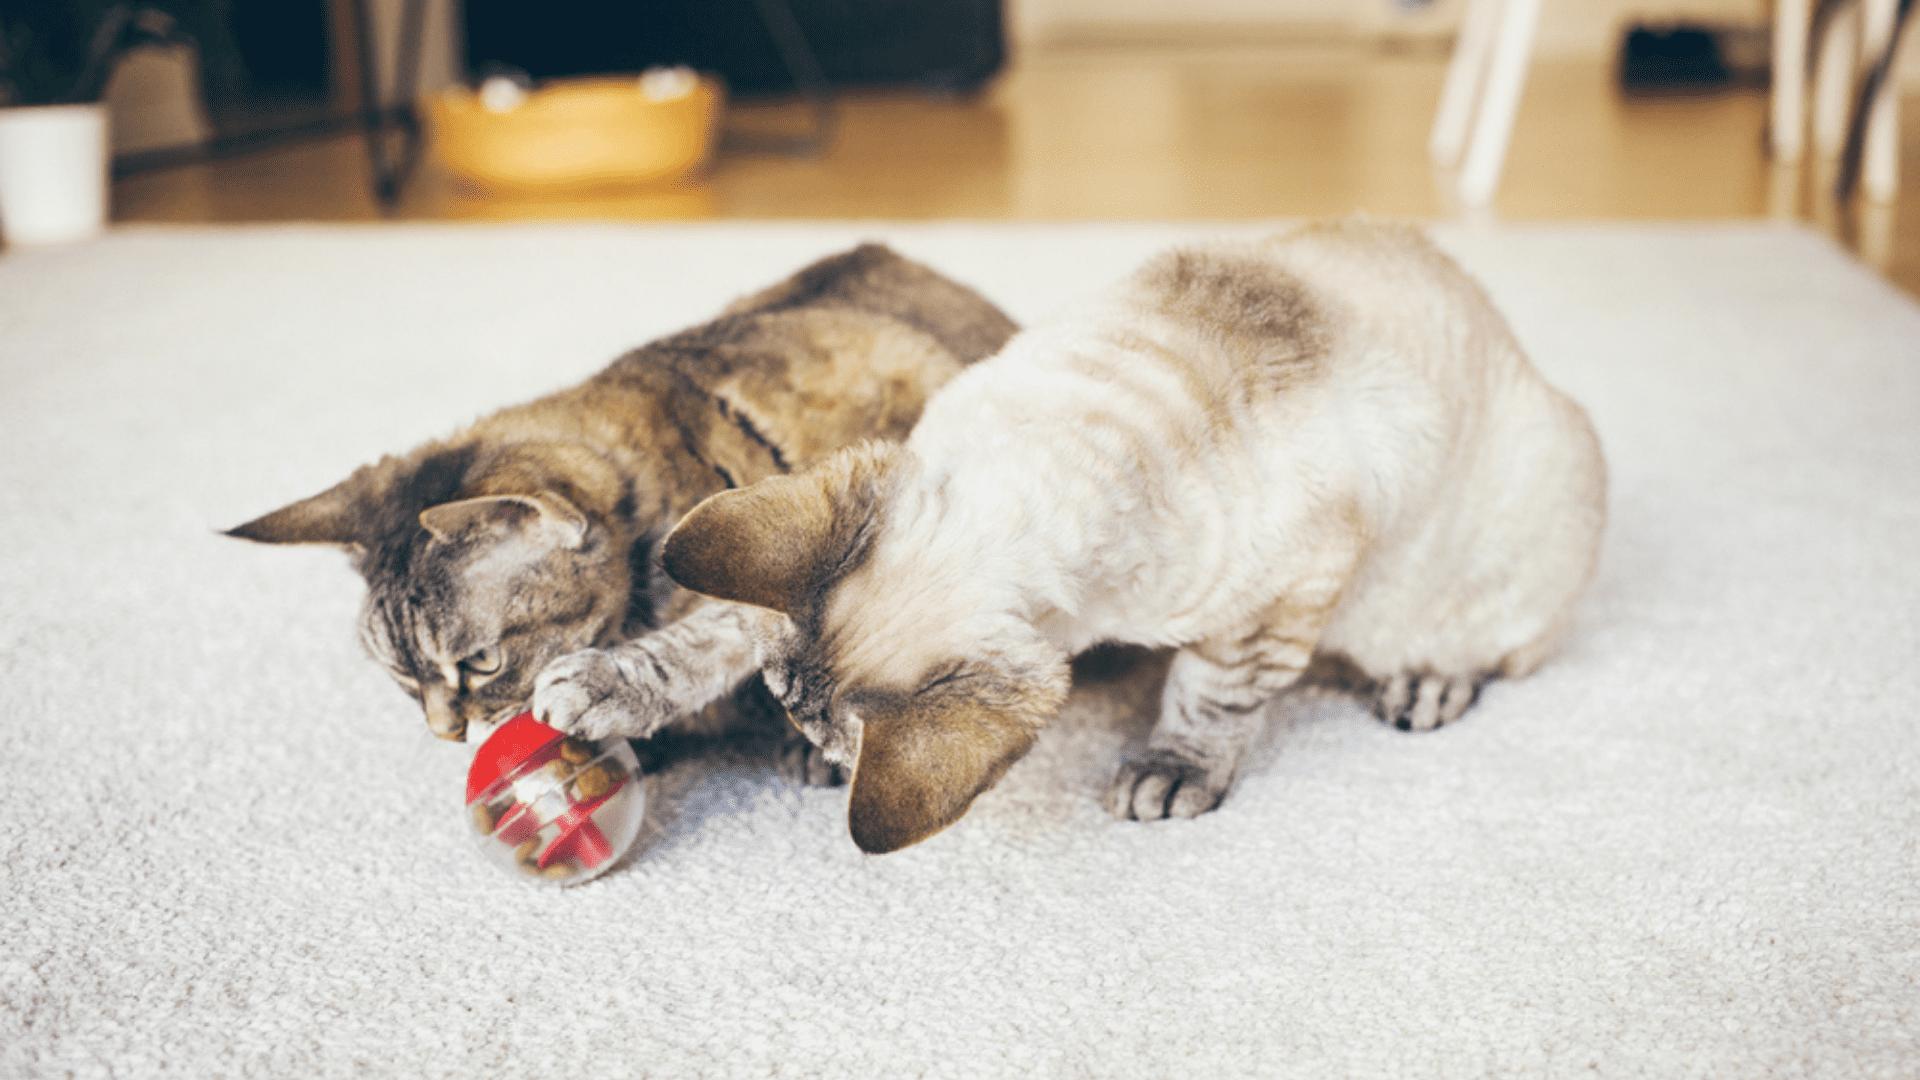 Brinquedos que escondem petiscos ou jogos de inteligência estimulam a mente do gato (Reprodução/Shutterstock)